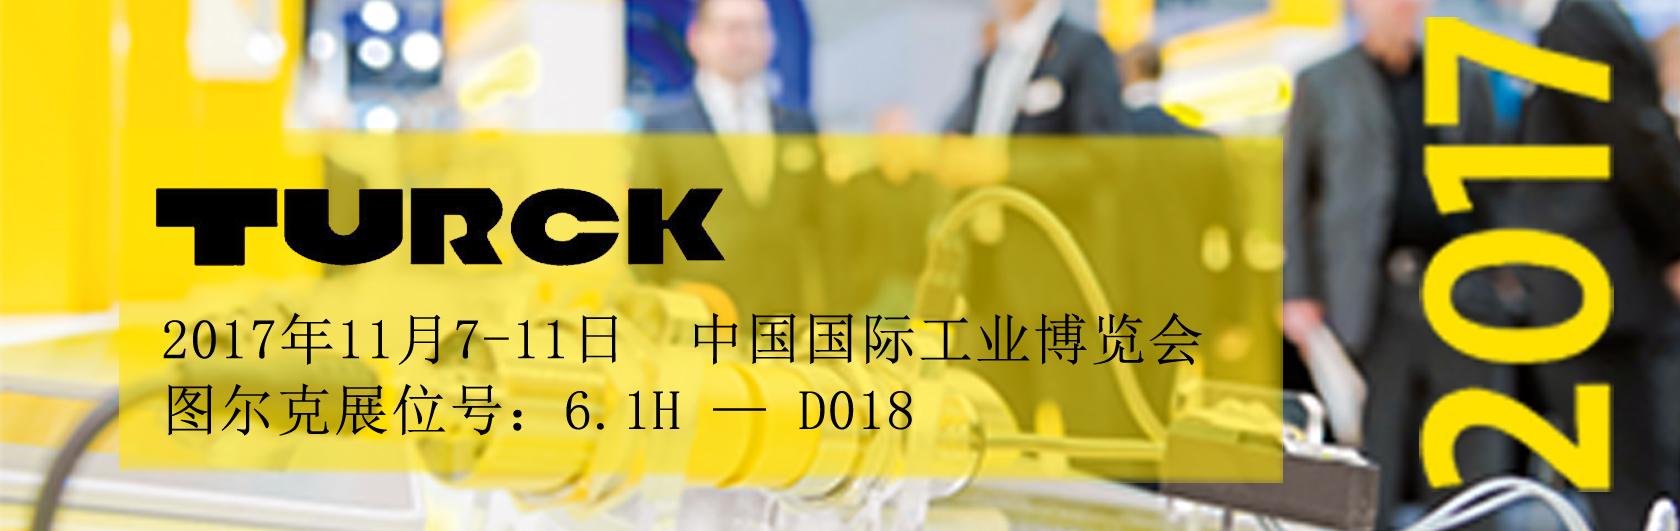 图尔克参展中国国际工业博览会